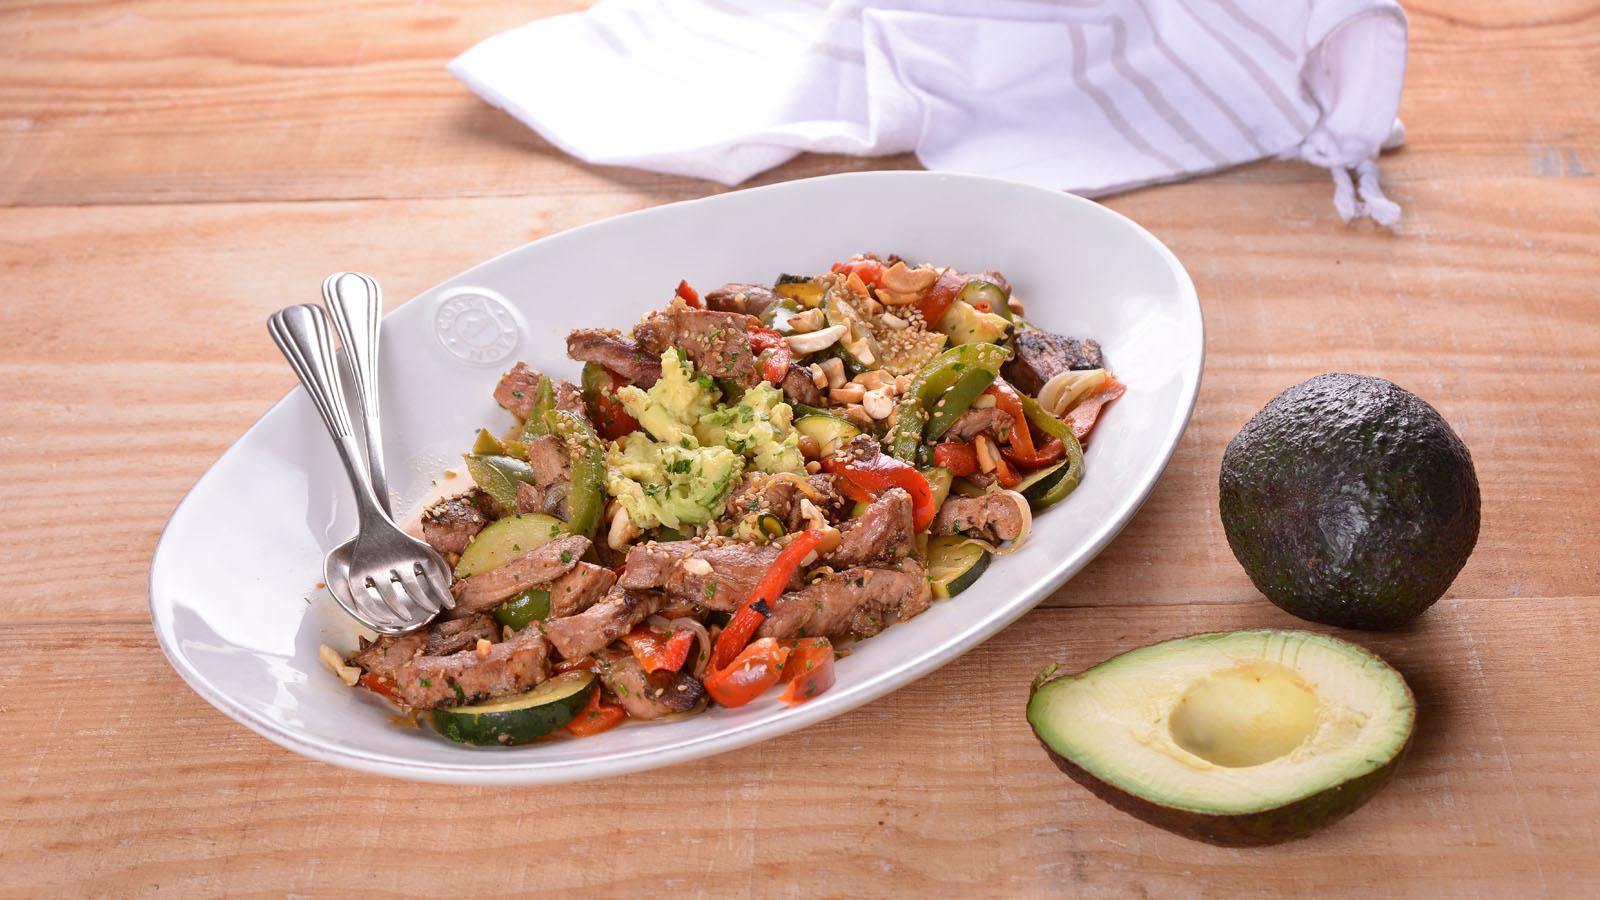 Wok de presa ib rica y verduras elena aymerich receta - Wok 4 cocinas granollers ...